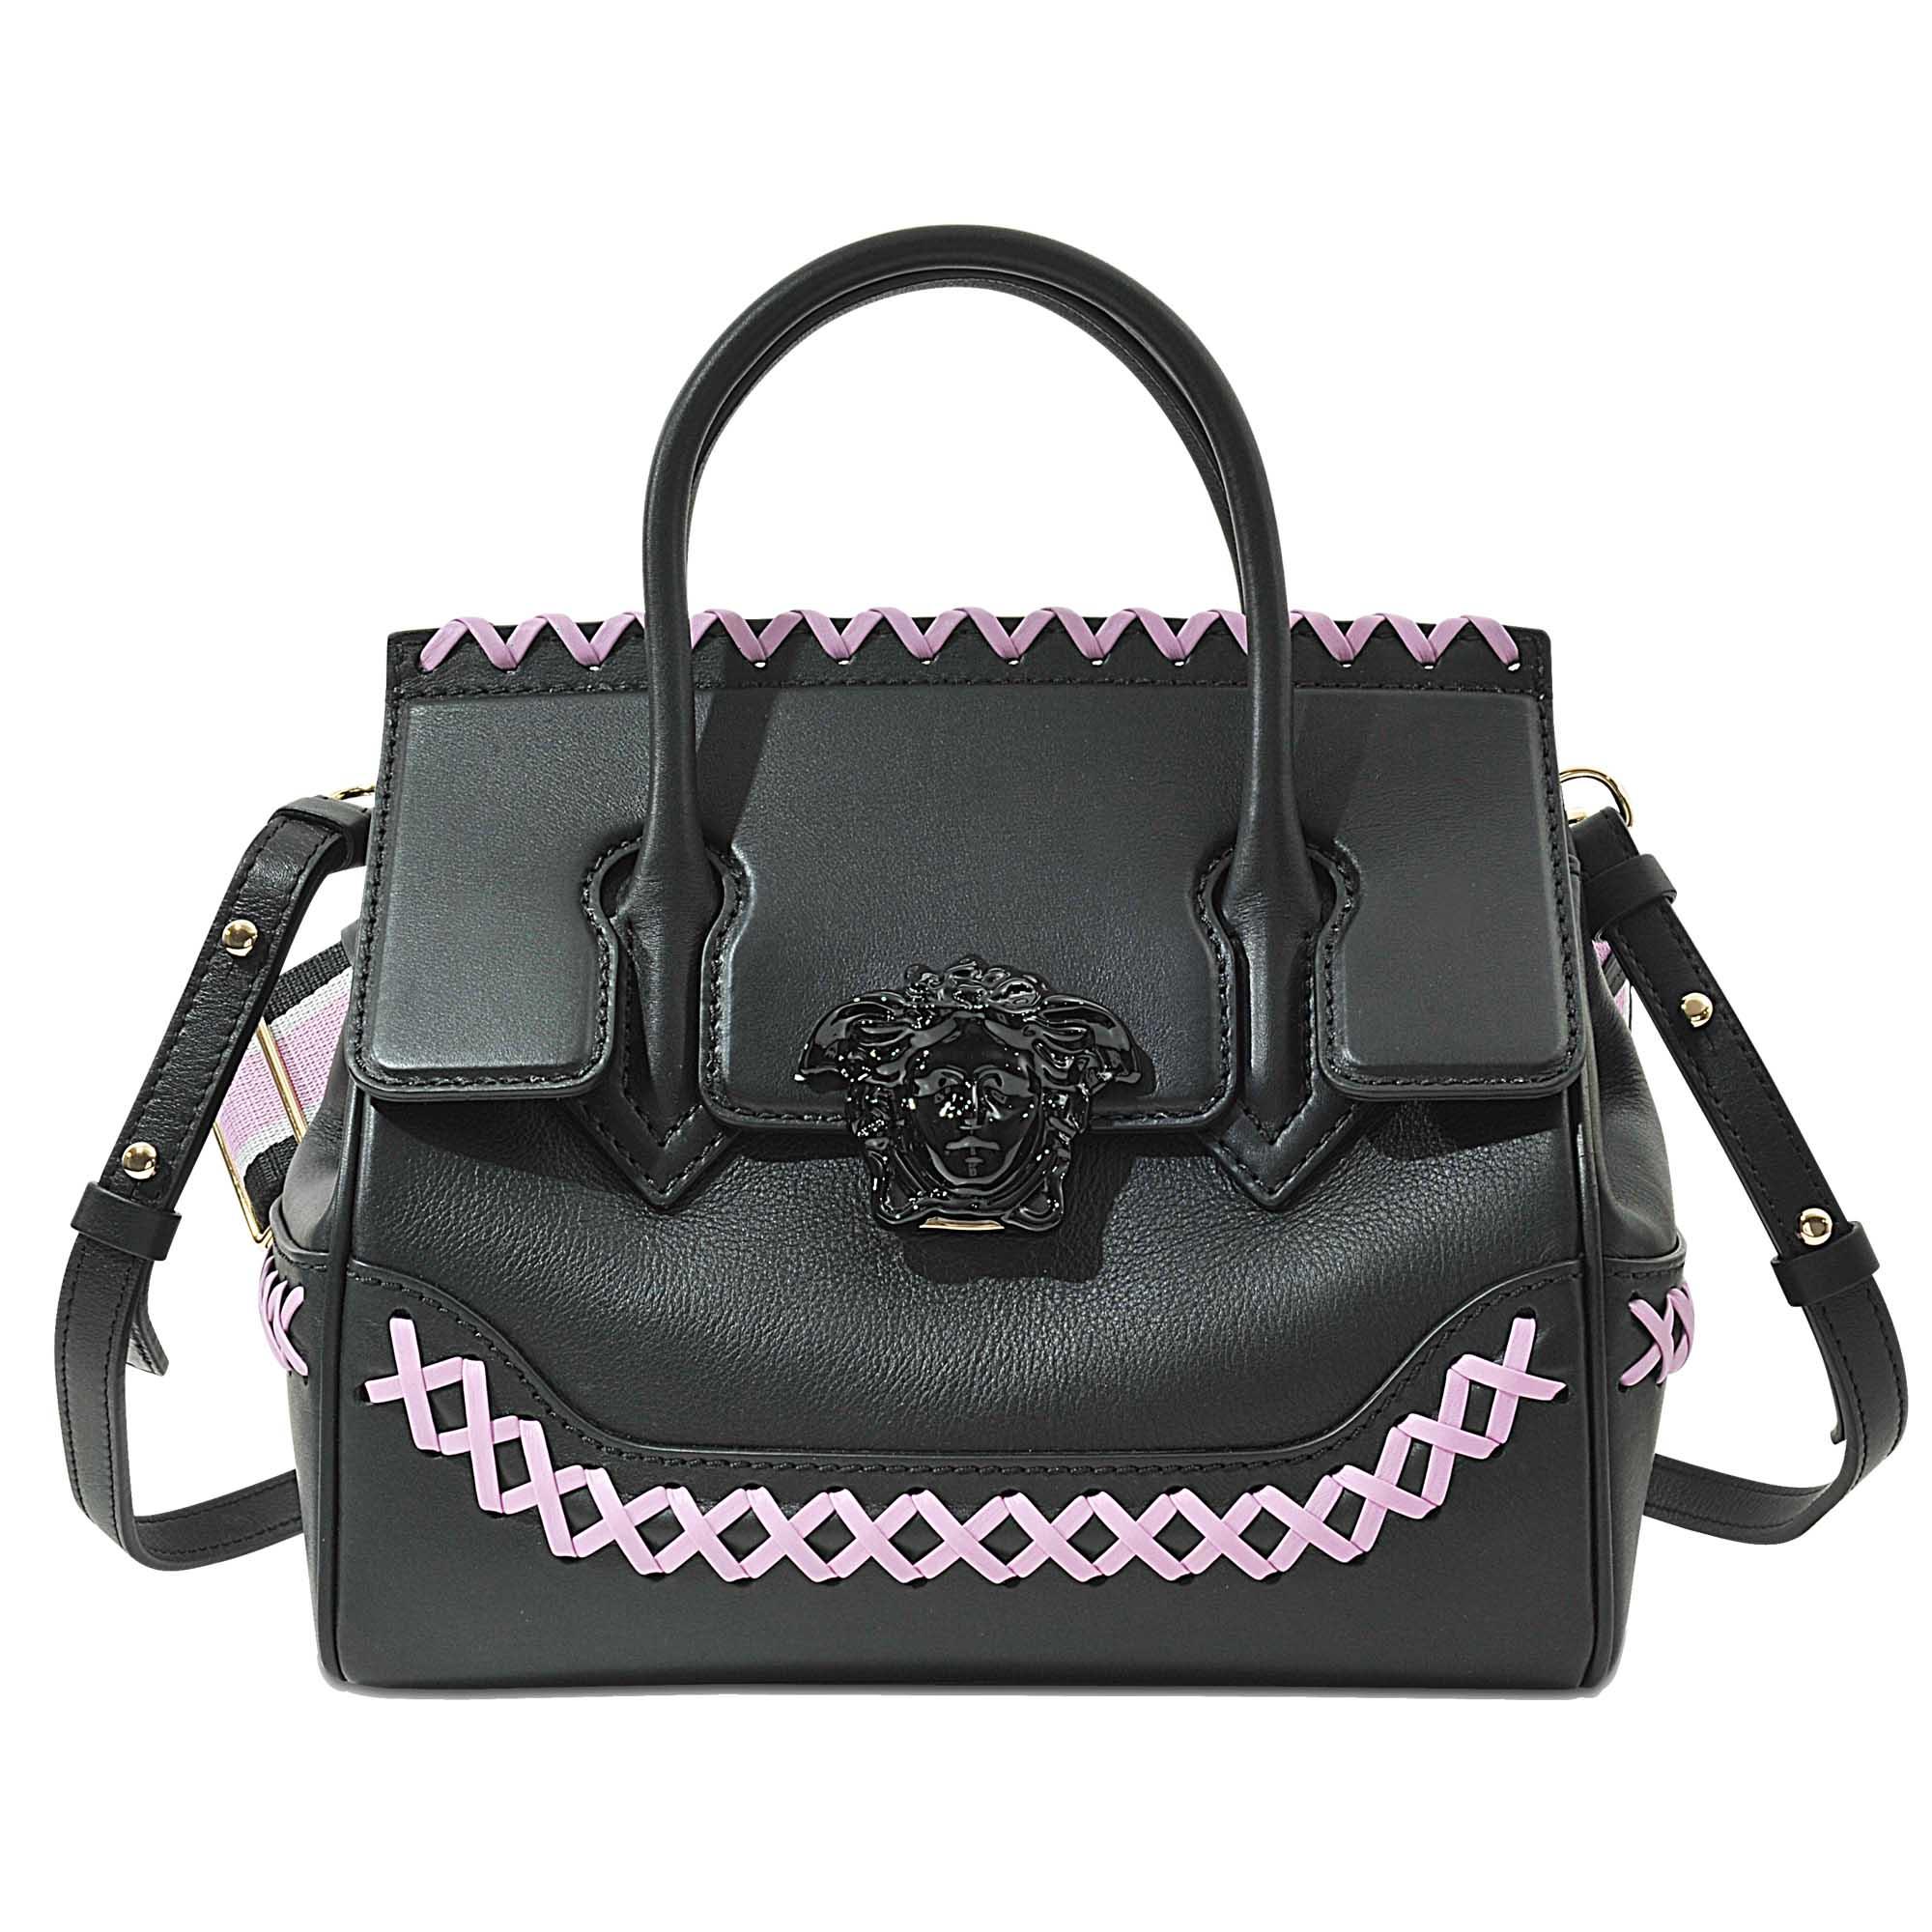 Versace handtaschen